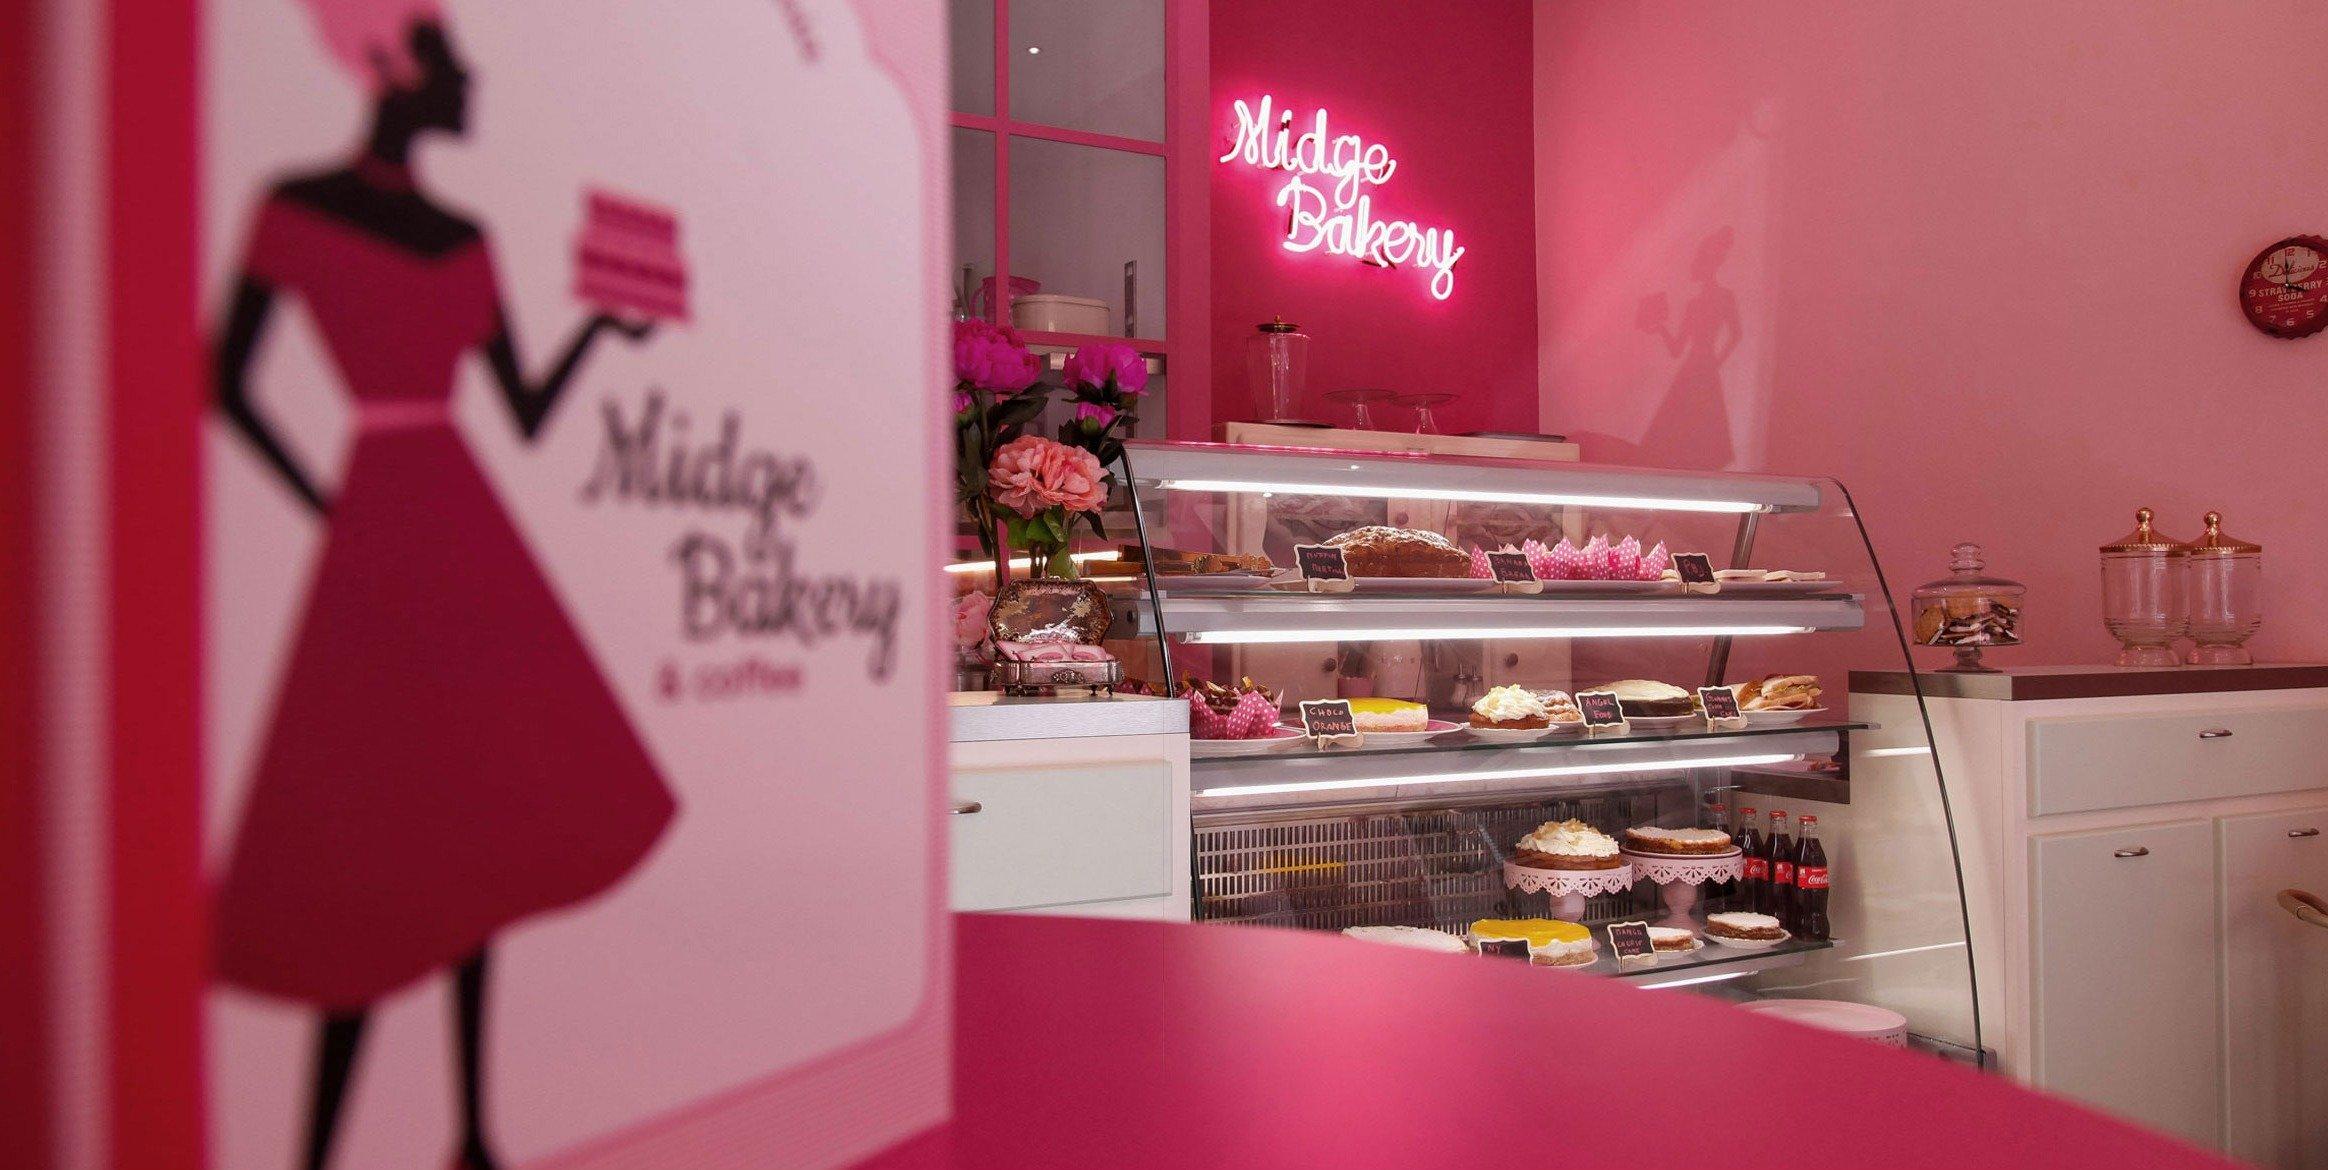 midge bakery laboratorio di psticceria milano